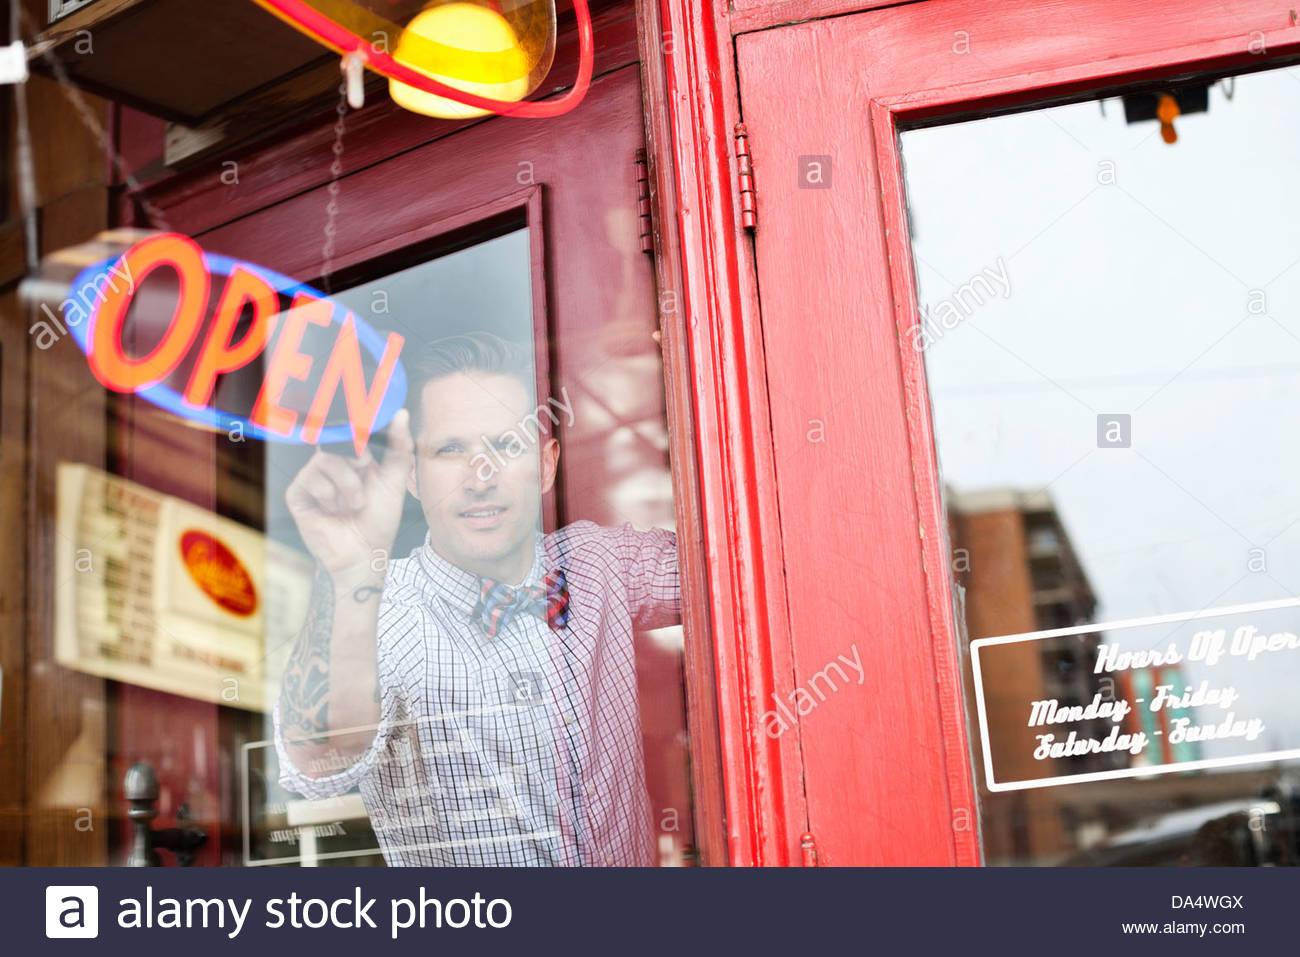 Maschio proprietario di affari di regolazione segno aperto nella finestra diner Immagini Stock